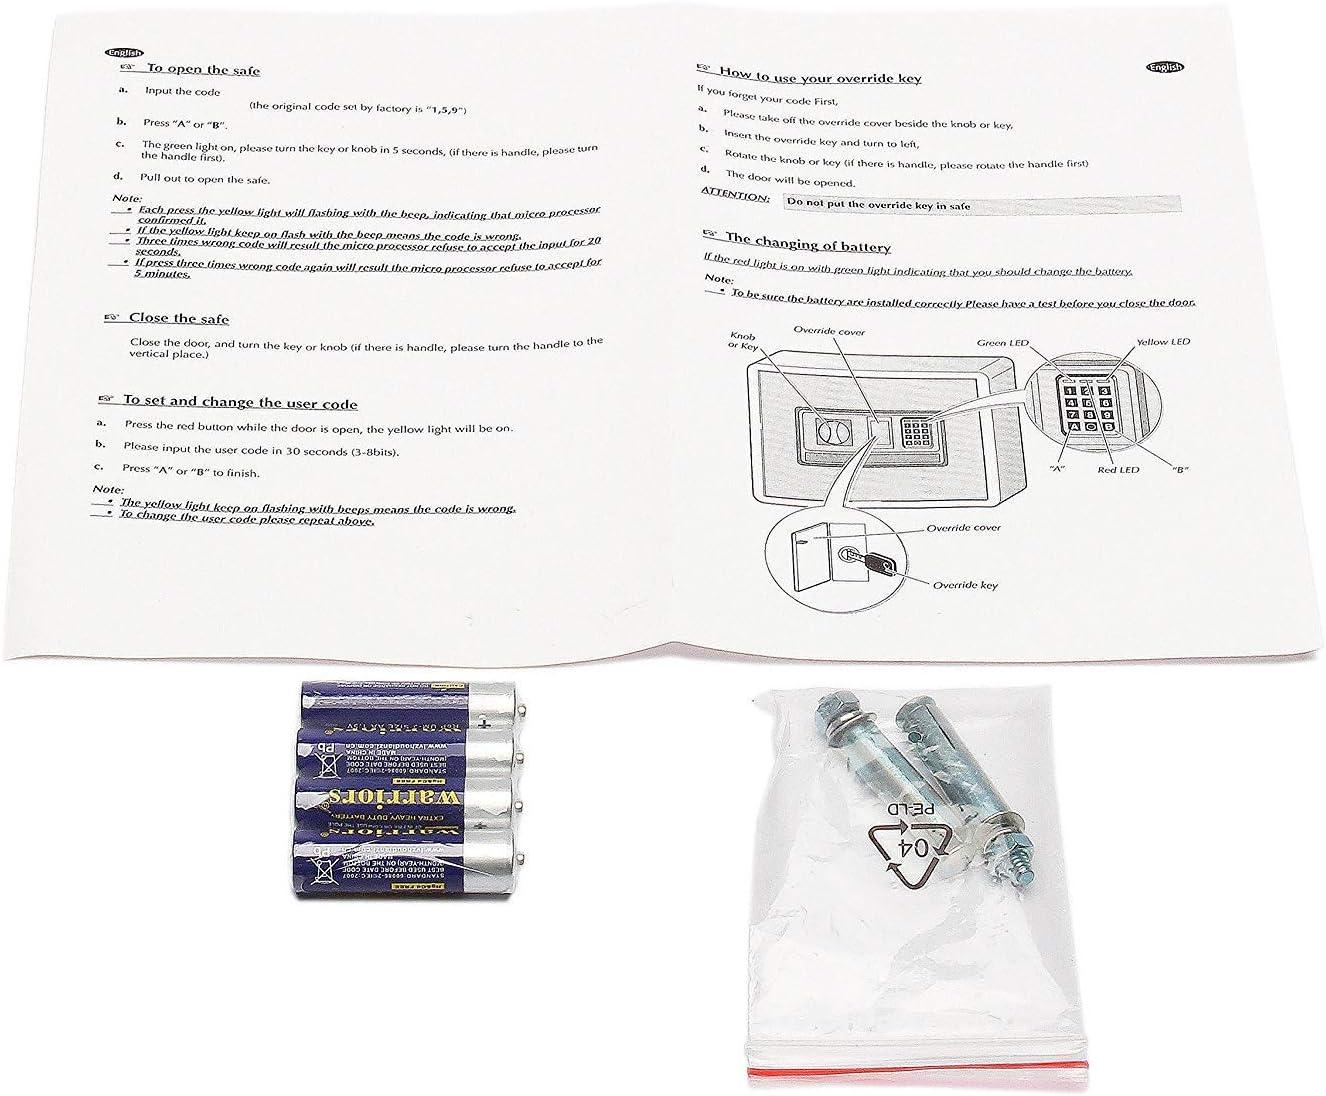 /Fonctionne avec 4/Piles AA incluses Fobuy Electronic tiroir Safe W//Full-Digit Keypad /& cl/és/ /Construction en Acier Solide et cach/é Mural//au Sol dancrage Motif/